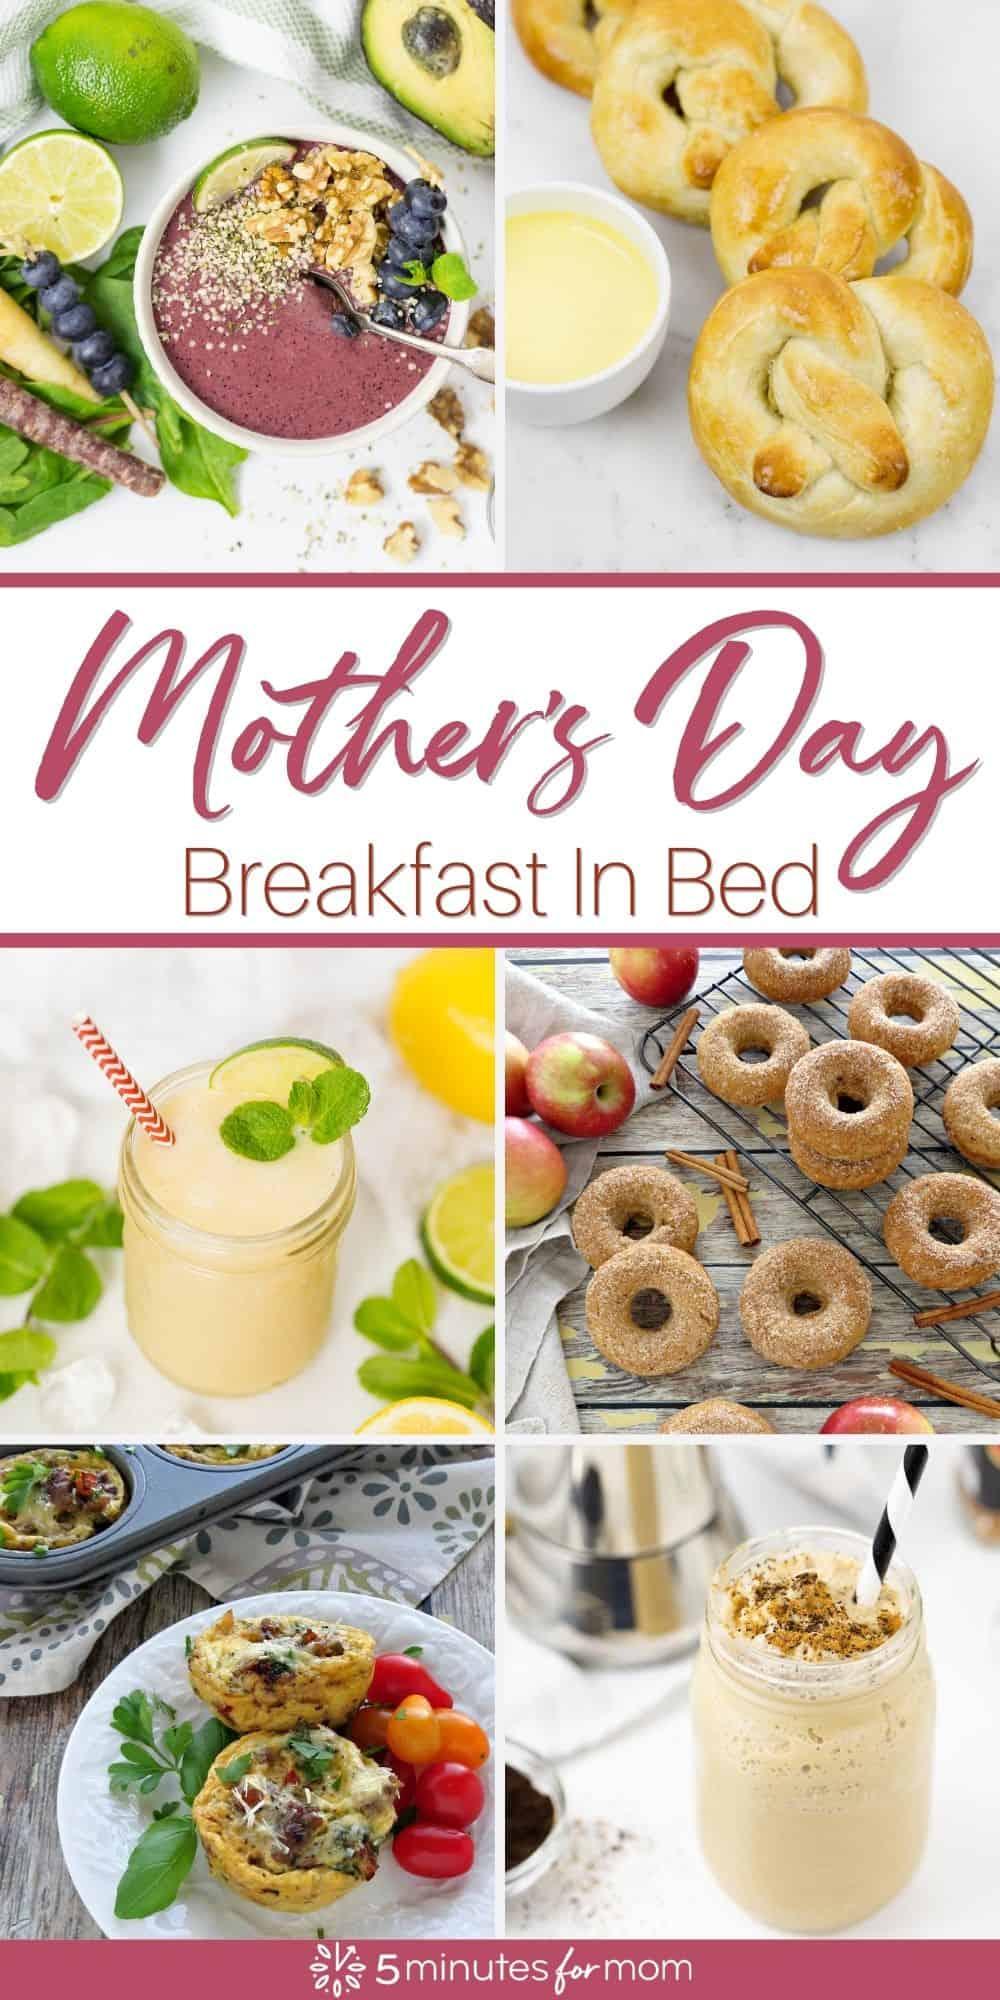 Mothers Day Breakfast In Bed - Recipe Ideas